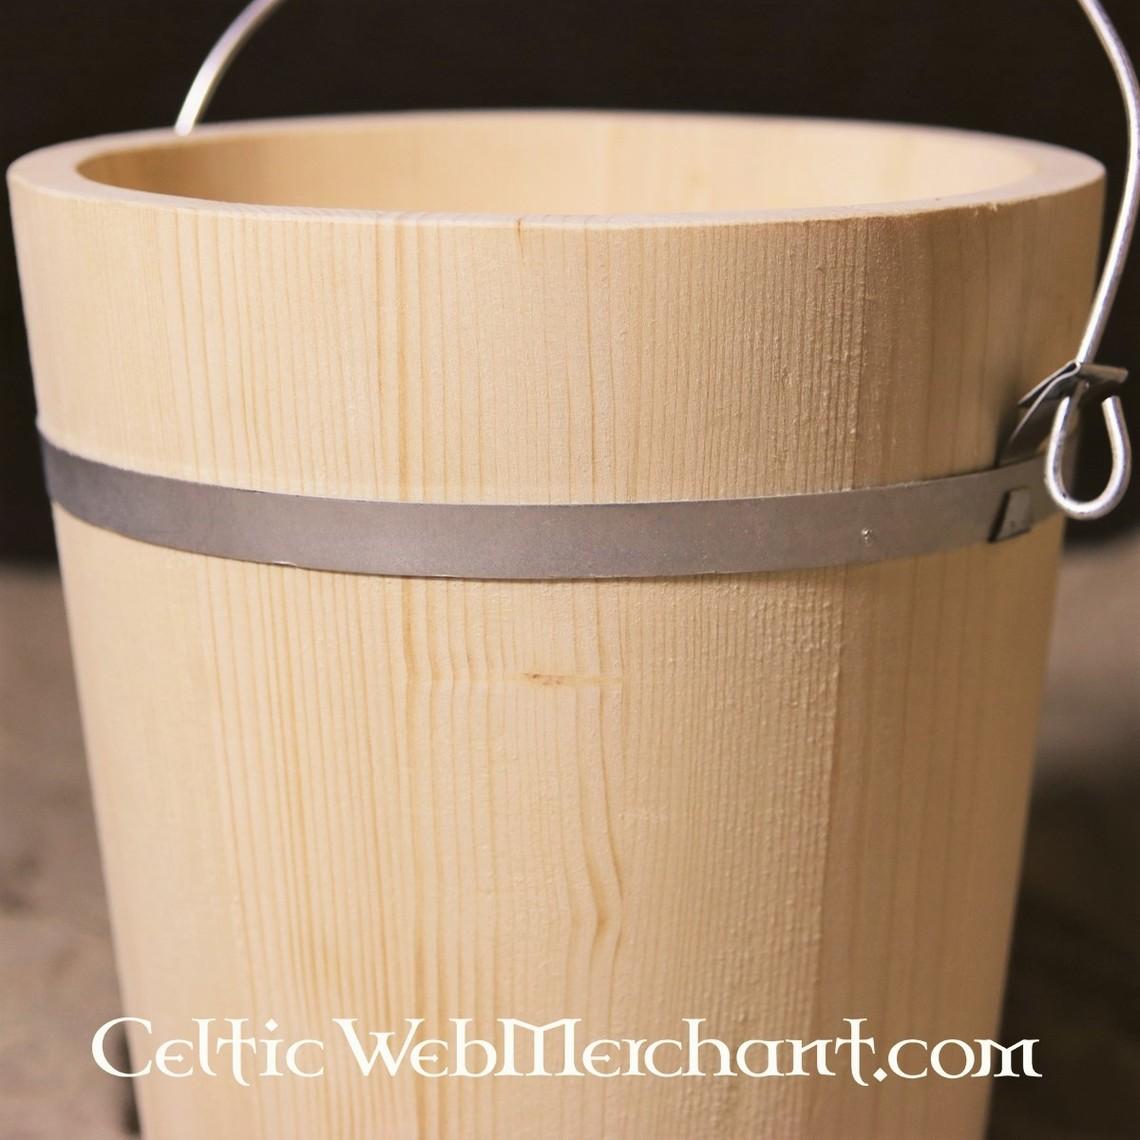 Houten emmer 5 liter